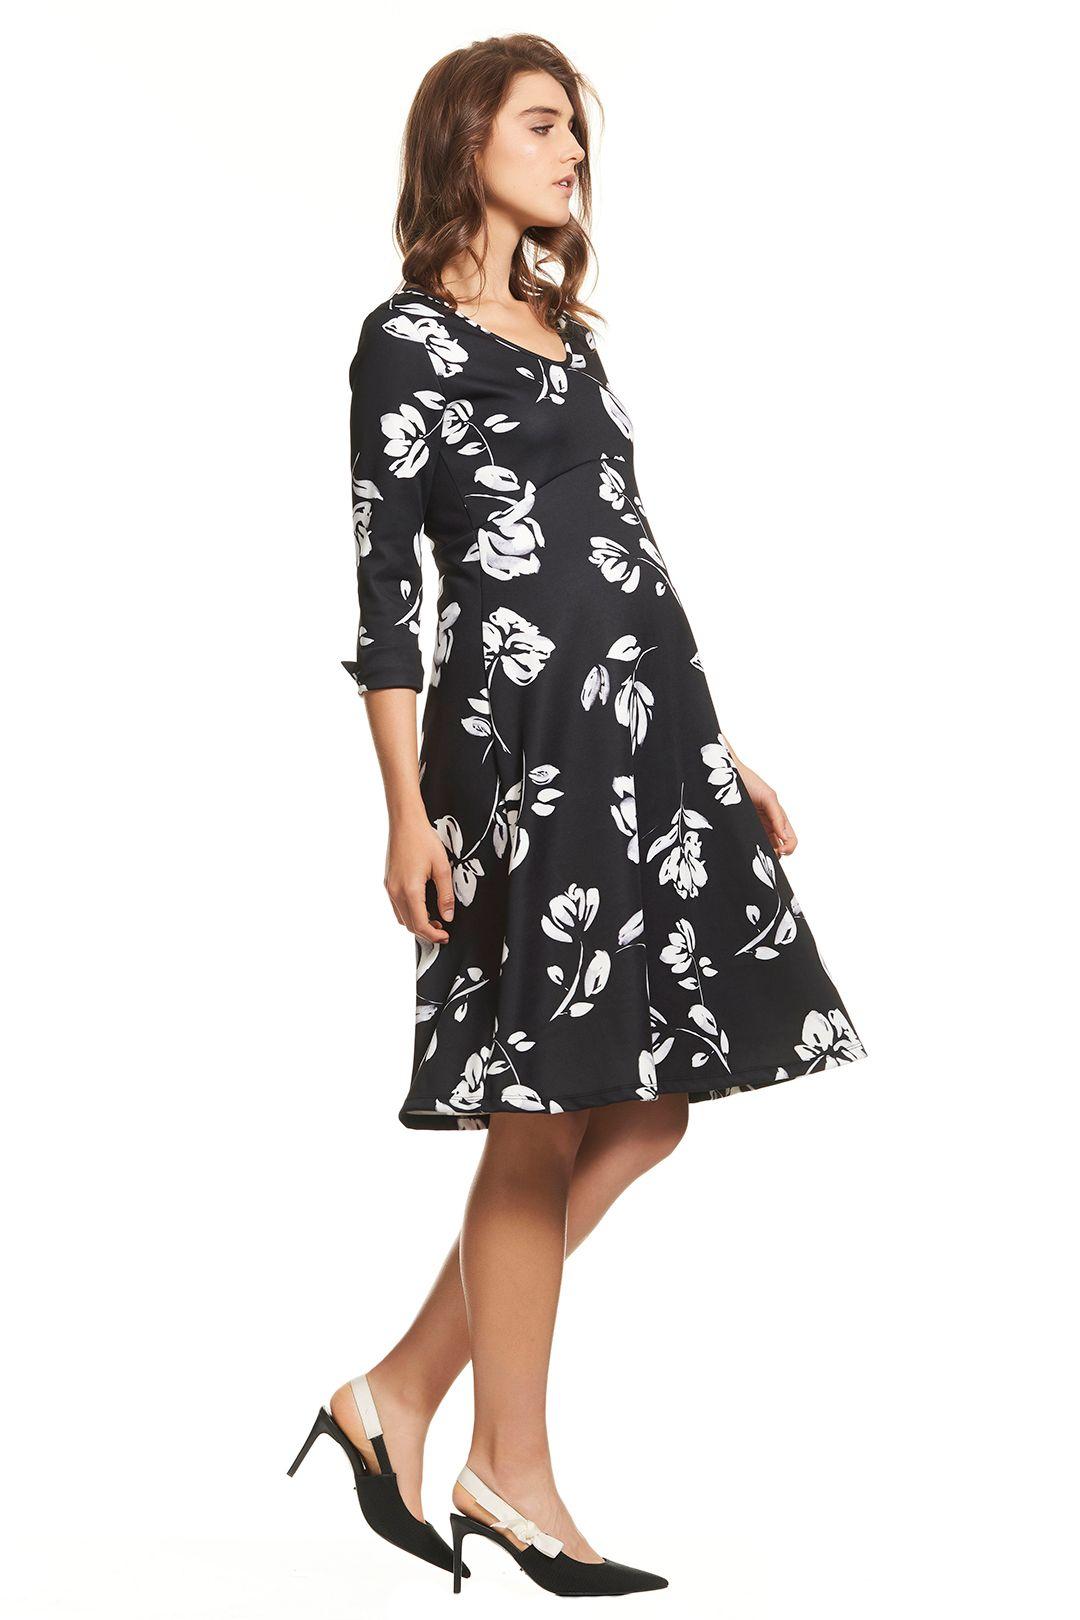 Soon Maternity-Meghan-Swing-Dress-Black-Floral-Side